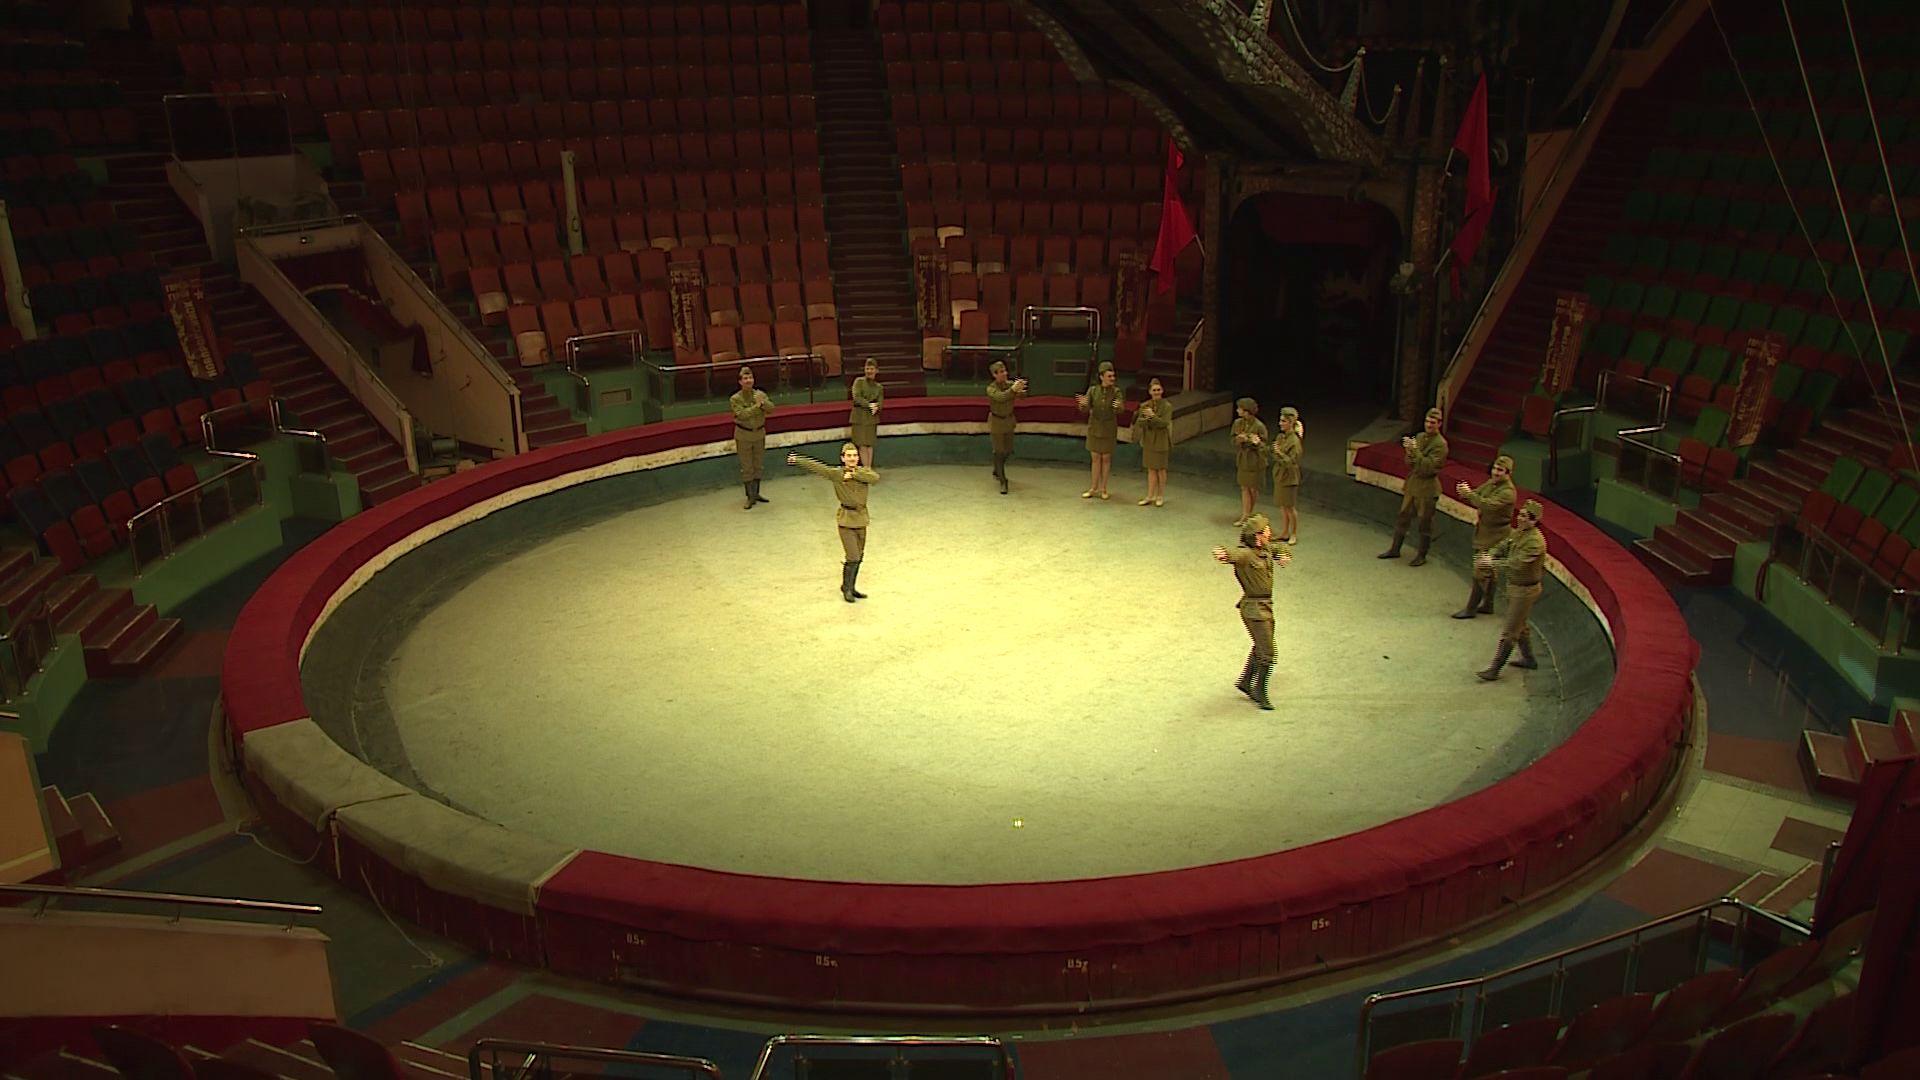 Салют Победы: цирковое представление к 75-летию Победы